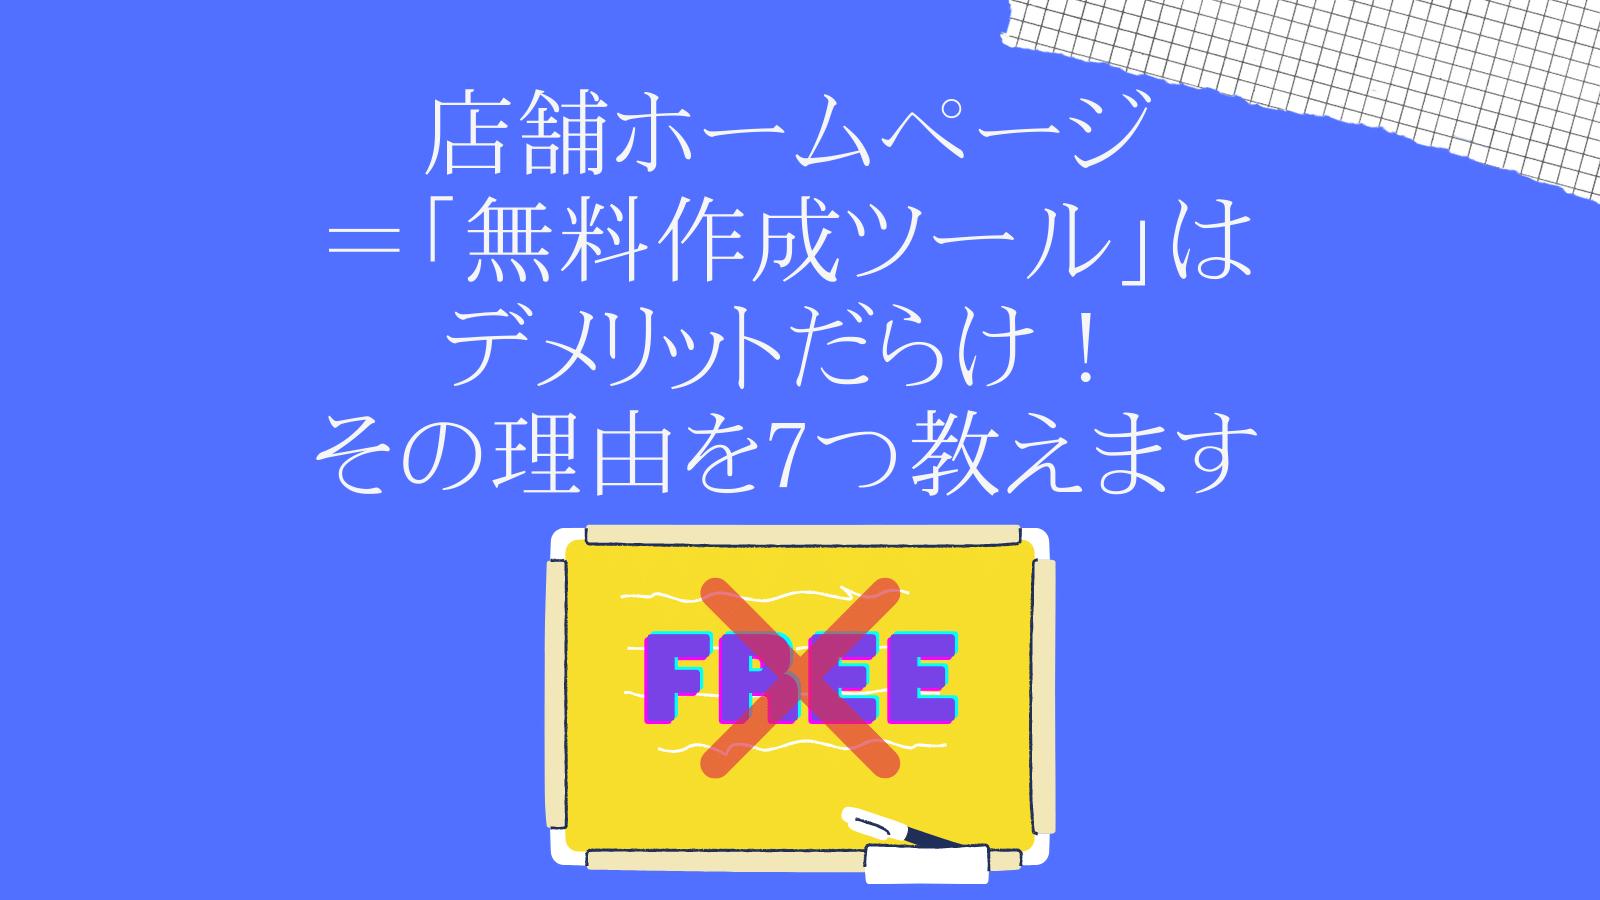 店舗ホームページ=「無料作成ツール」はデメリットだらけ!その理由を7つ教えます